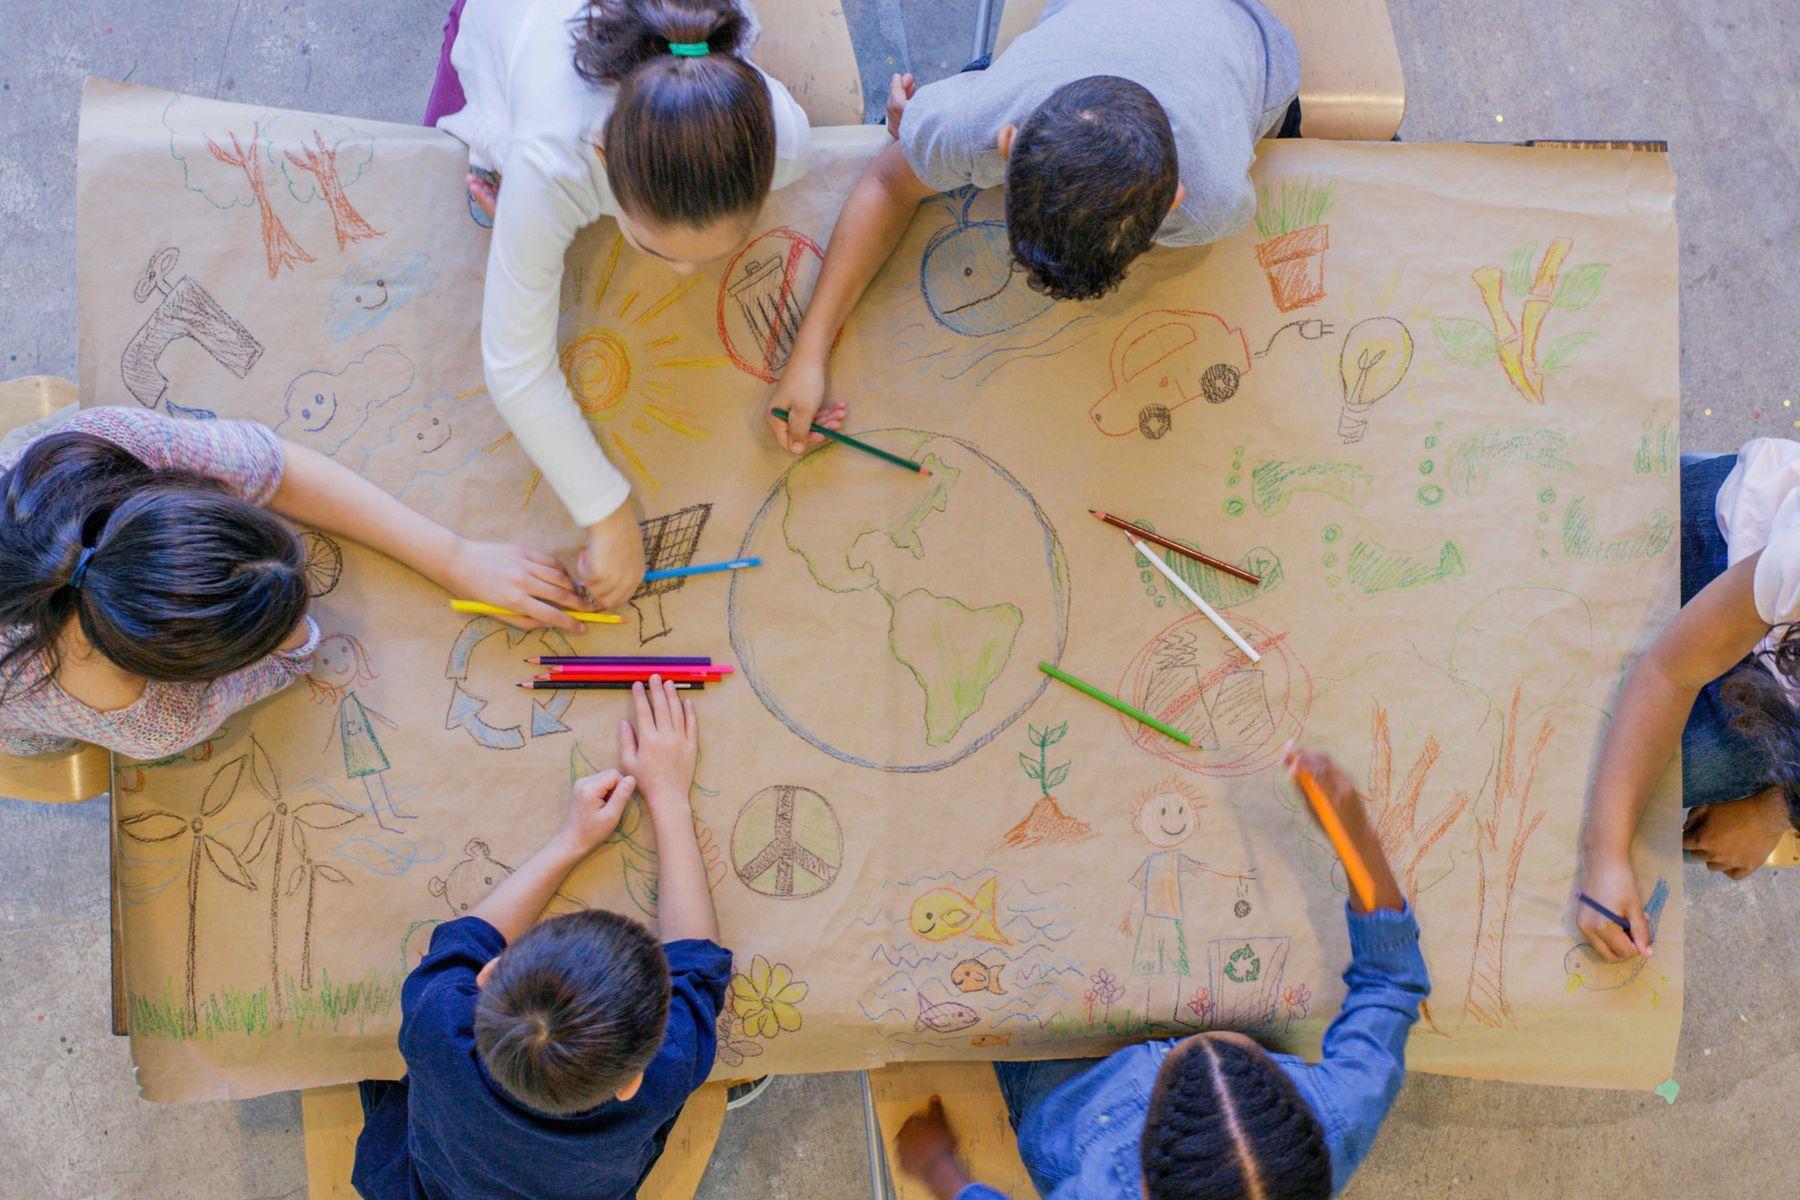 Çocuklarla Beraber Yapılabilecek Aktiviteler